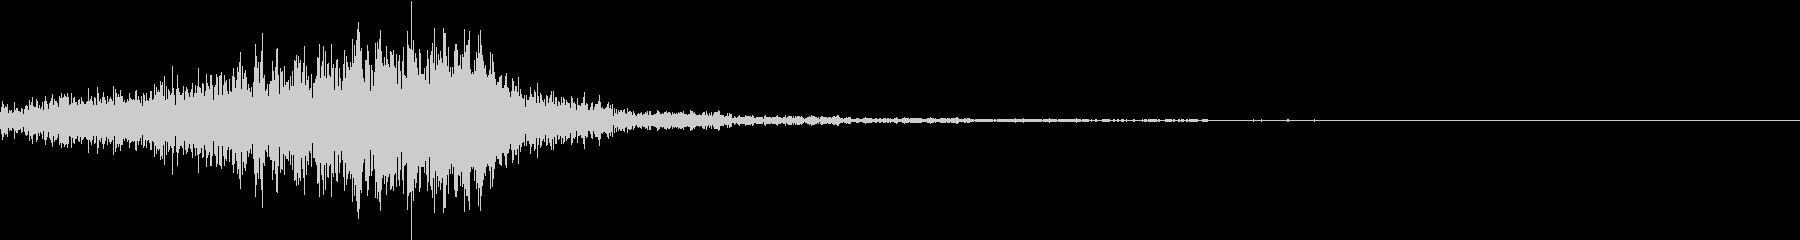 ホラー 近く 接近 恐怖 金属音 19の未再生の波形